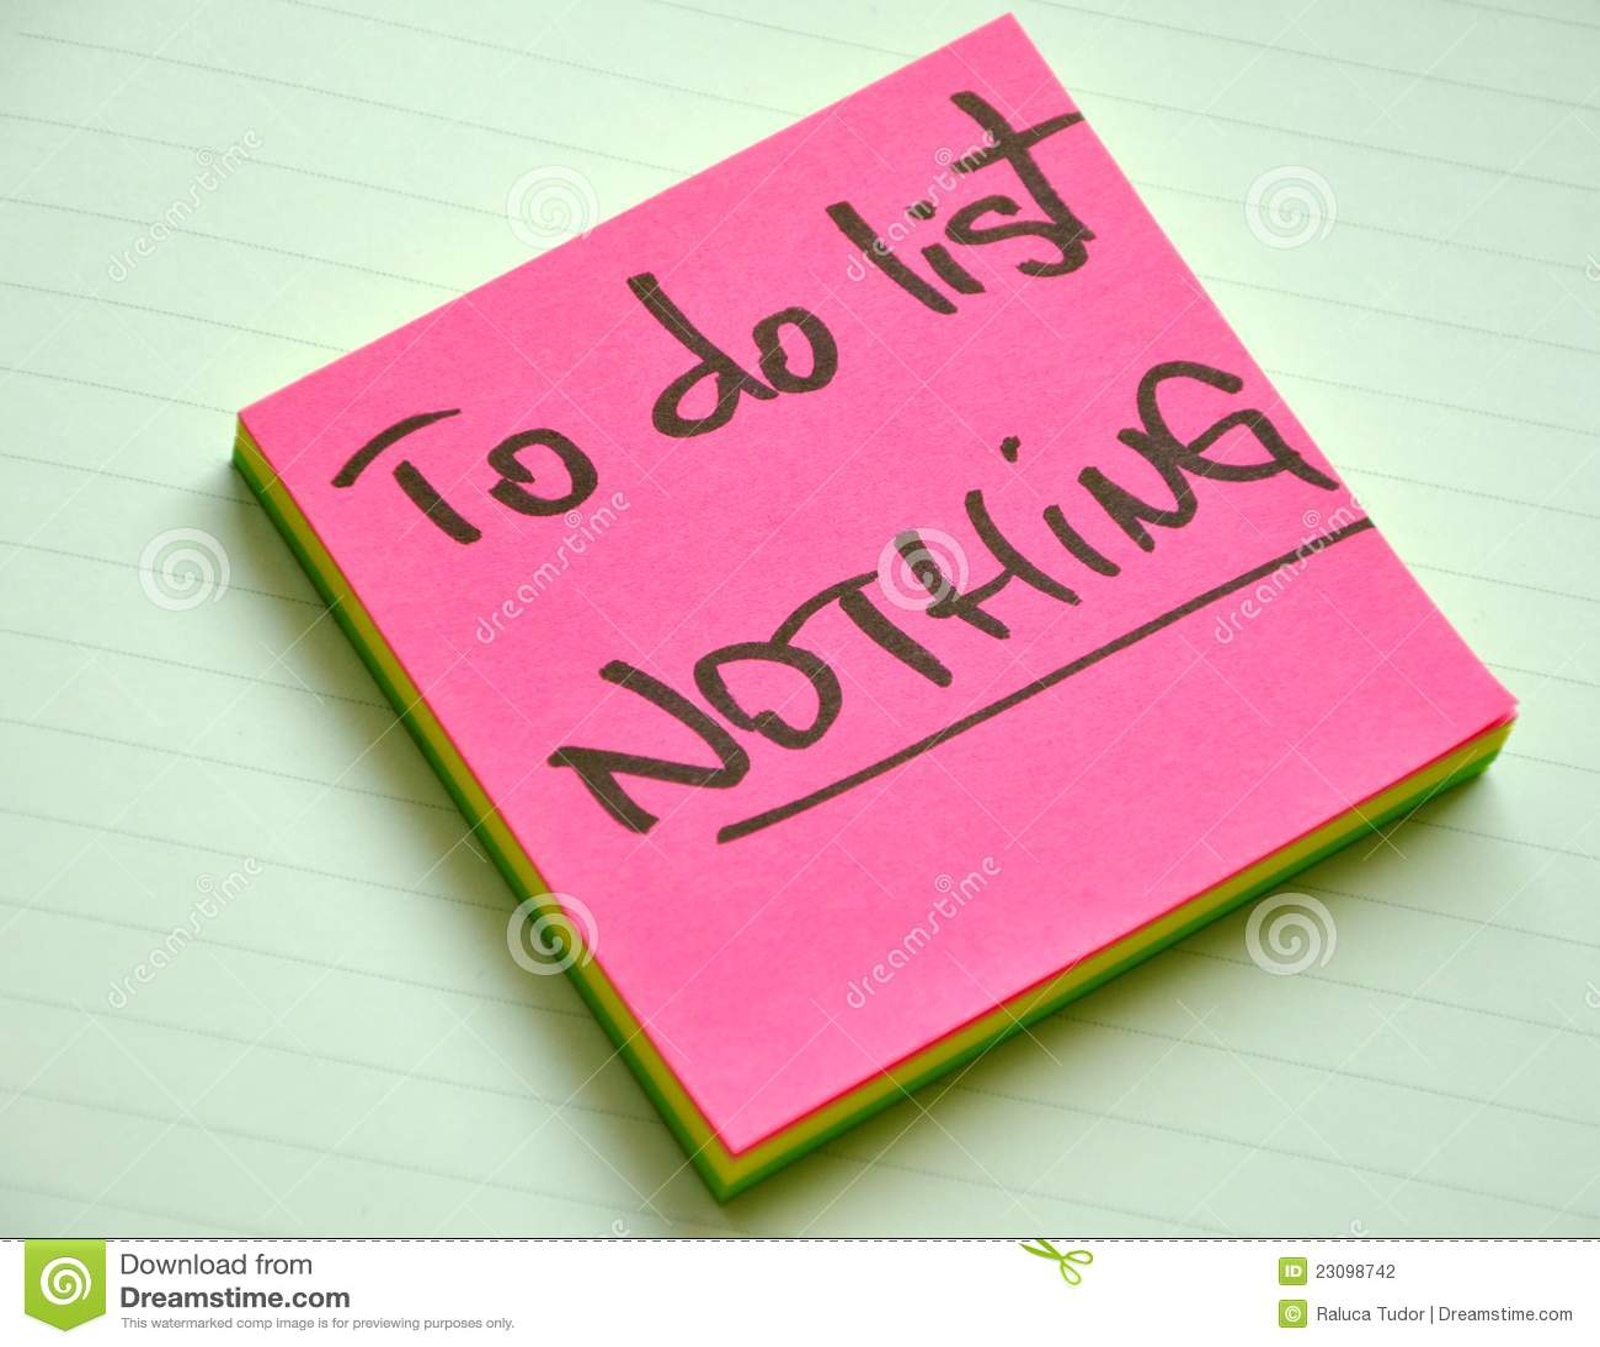 执行列表: 没什么。 懒惰概念